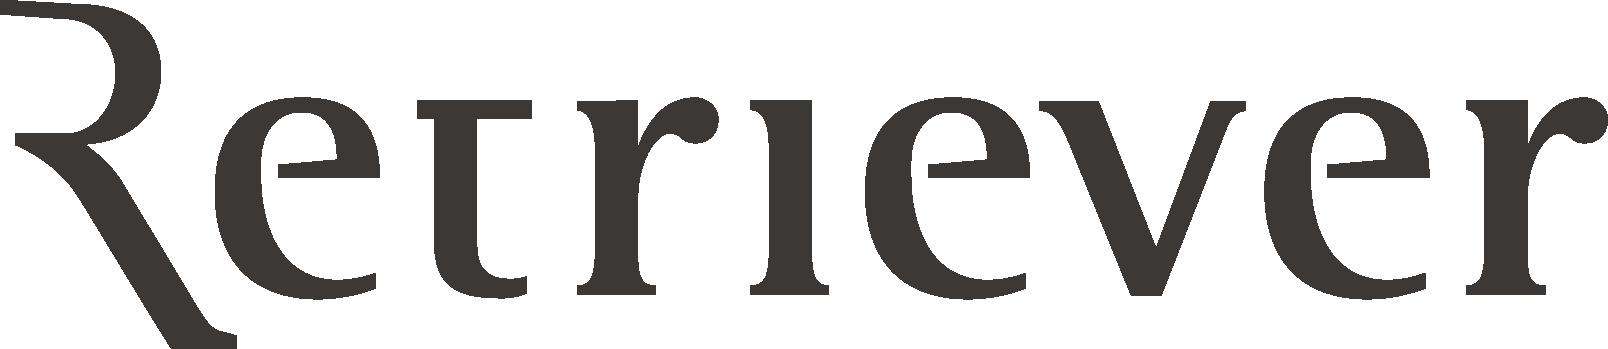 Retriever logo